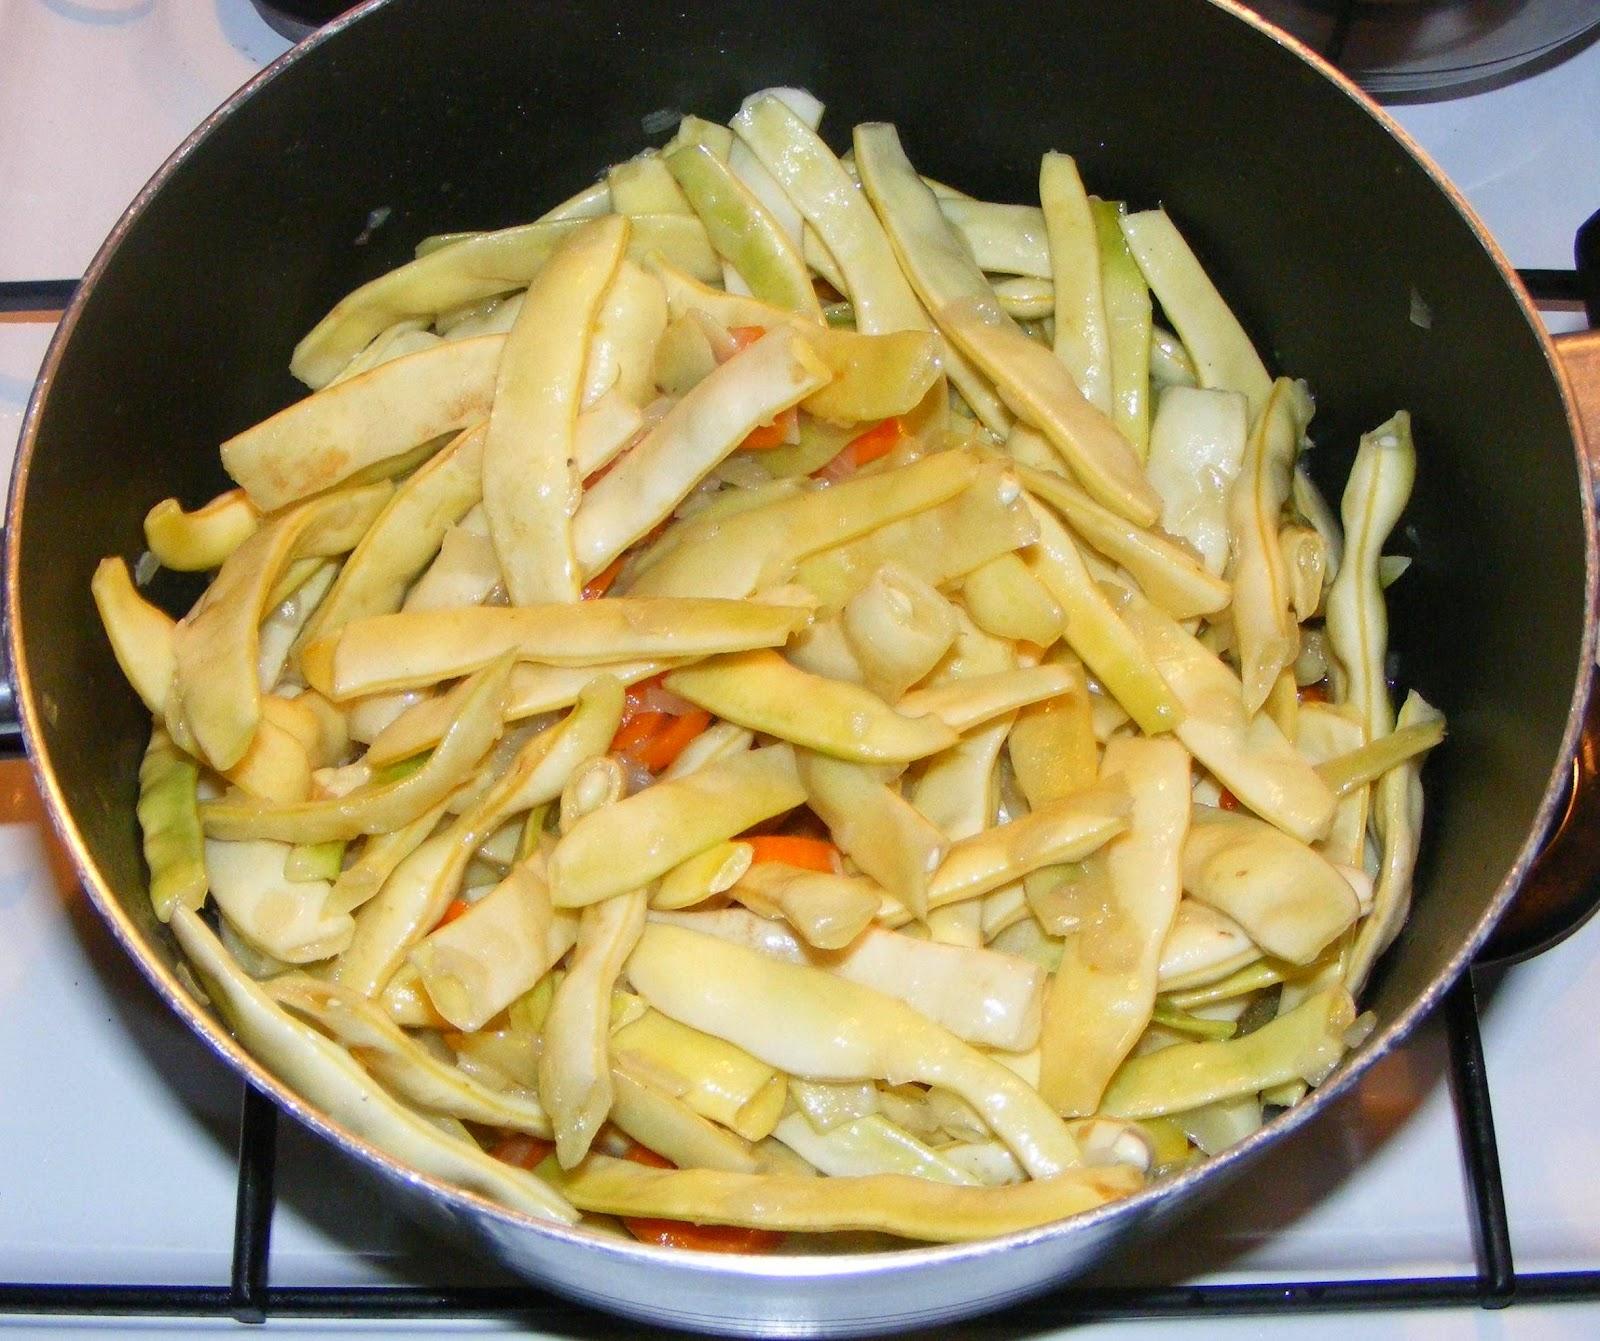 preparare ghiveci de legume, ghiveci, ghiveci de legume, ghiveci cu carne, ghiveci de legume cu pui, reteta ghiveci, preparate din pui, retete cu pui, mancare gatita, retete de mancare, retete culinare, pui cu legume, mancaruri cu pui, retete mancare,